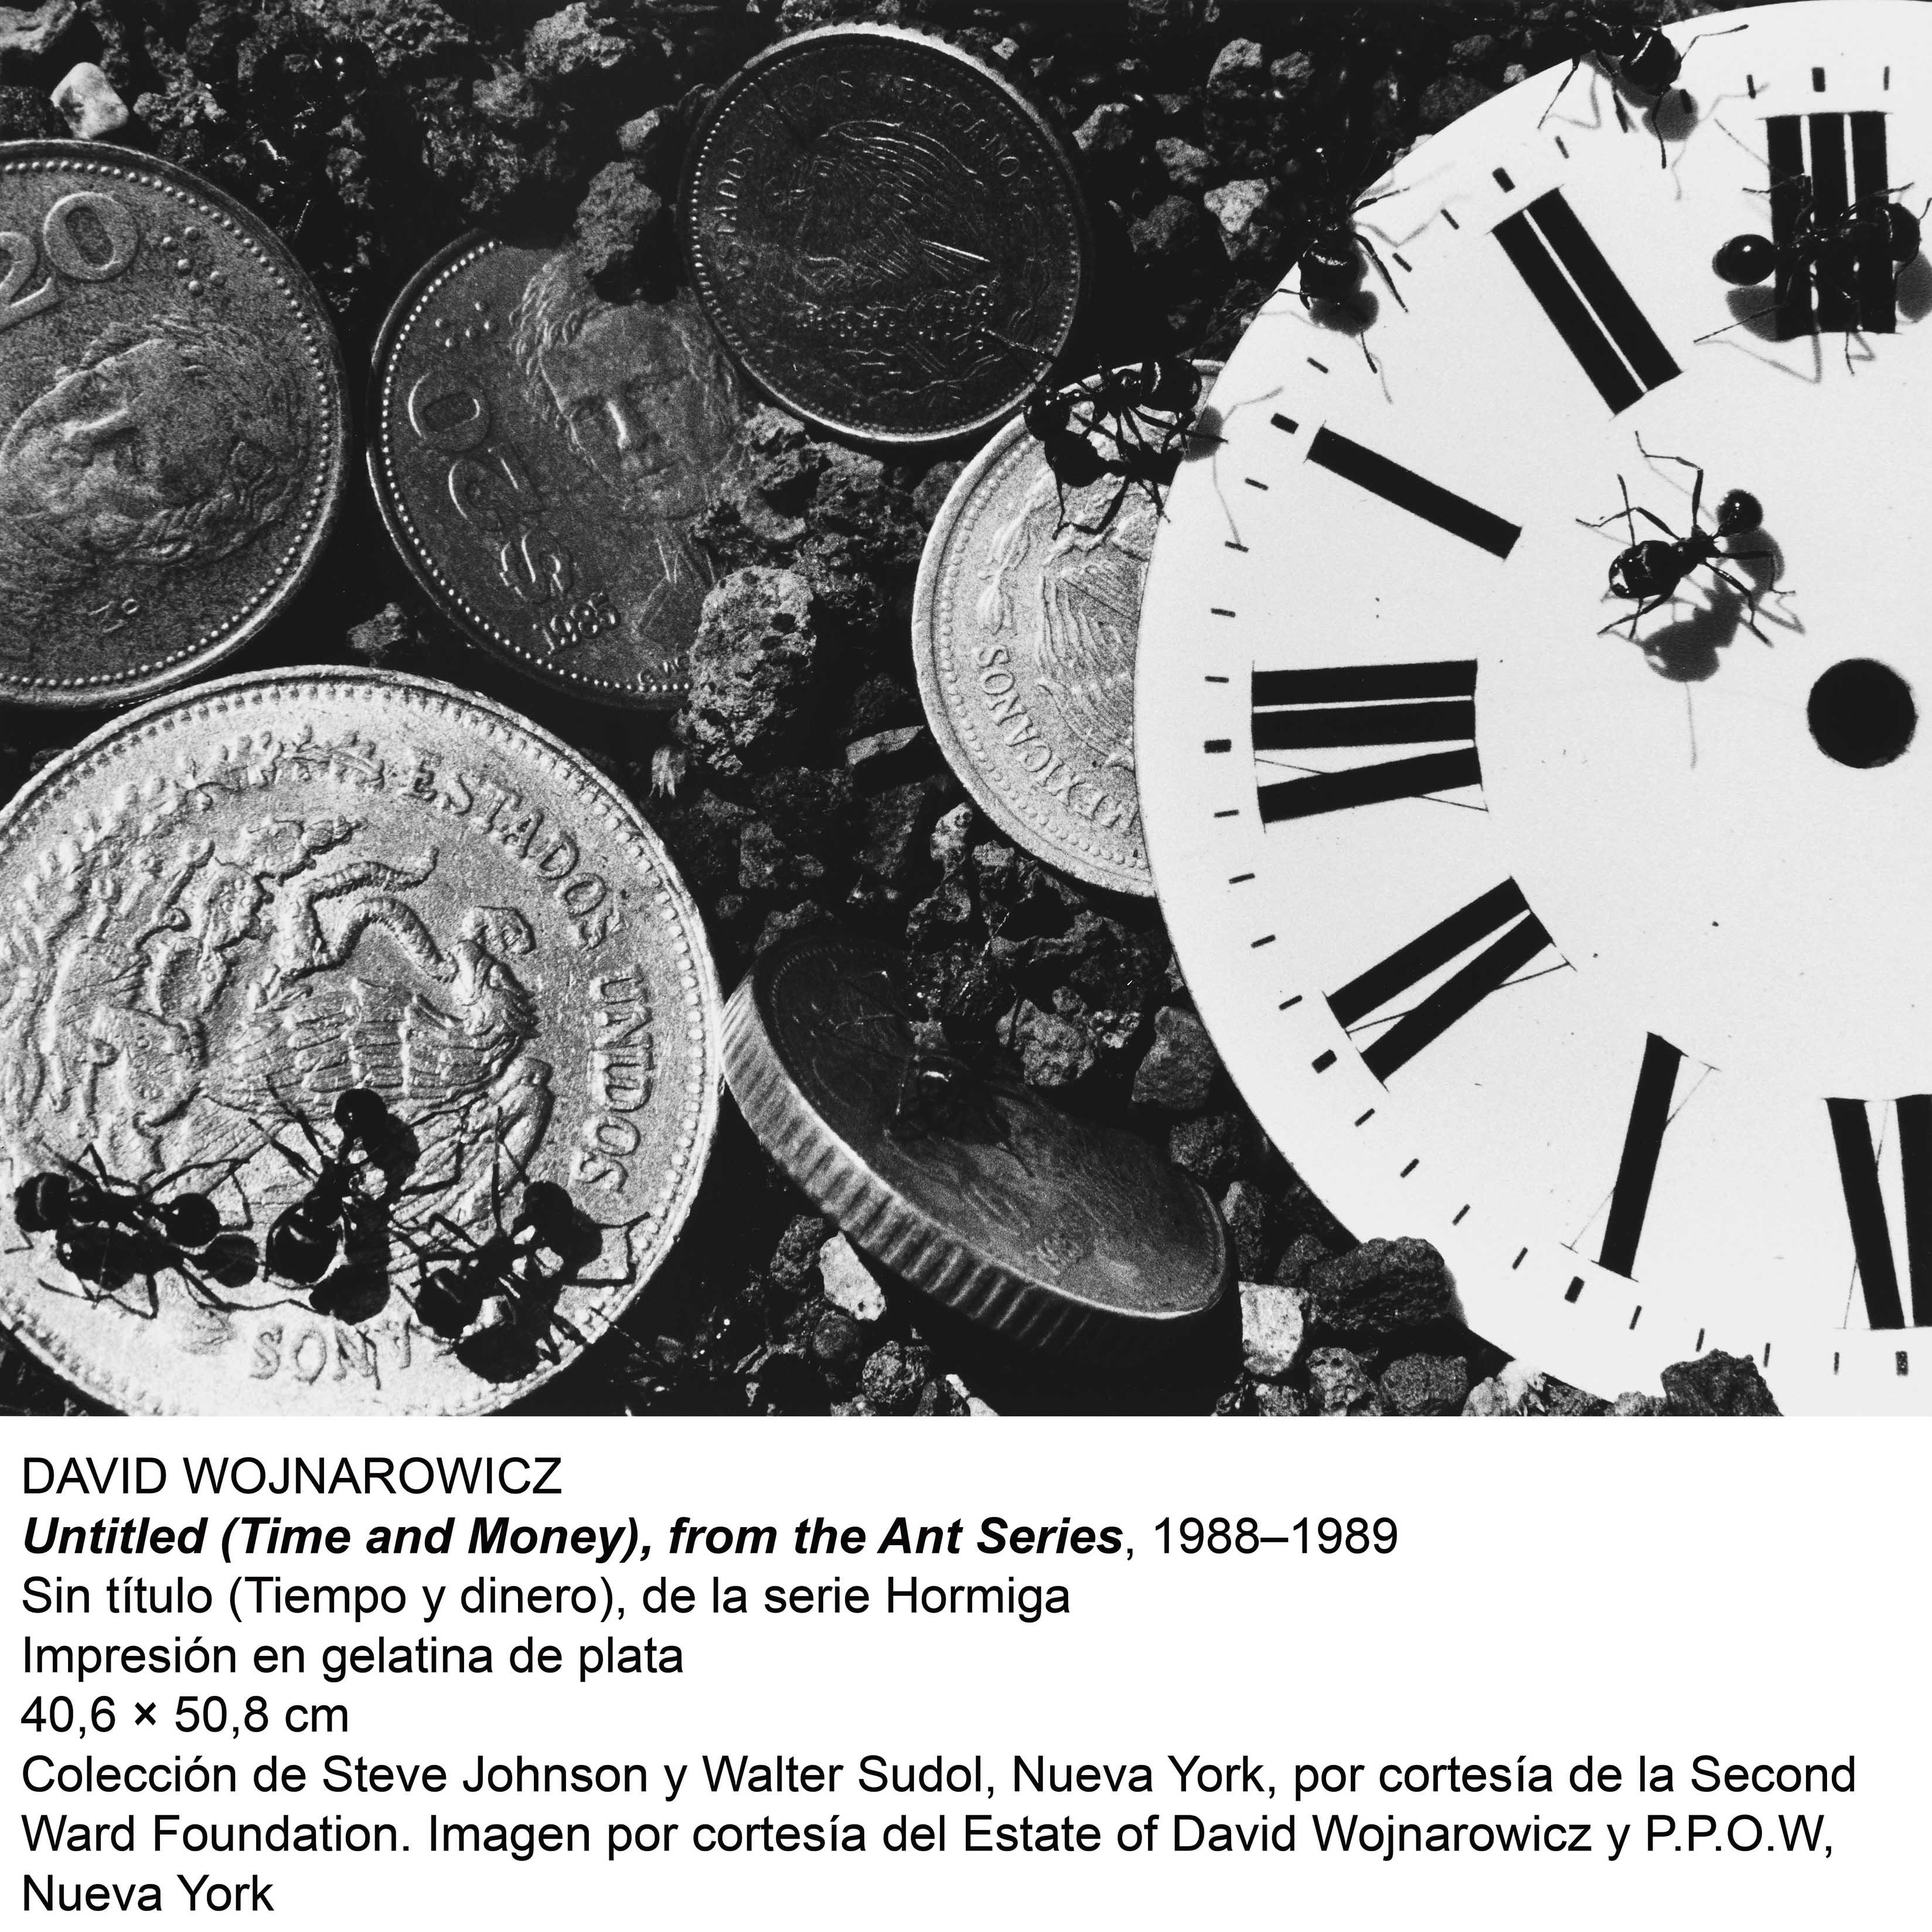 Untitled (Time and Money), front the Ant Series 1988-1989 - Sin título (Tiempo y Dinero), de la Serie Hormiga (1989) - David Wojnarowicz